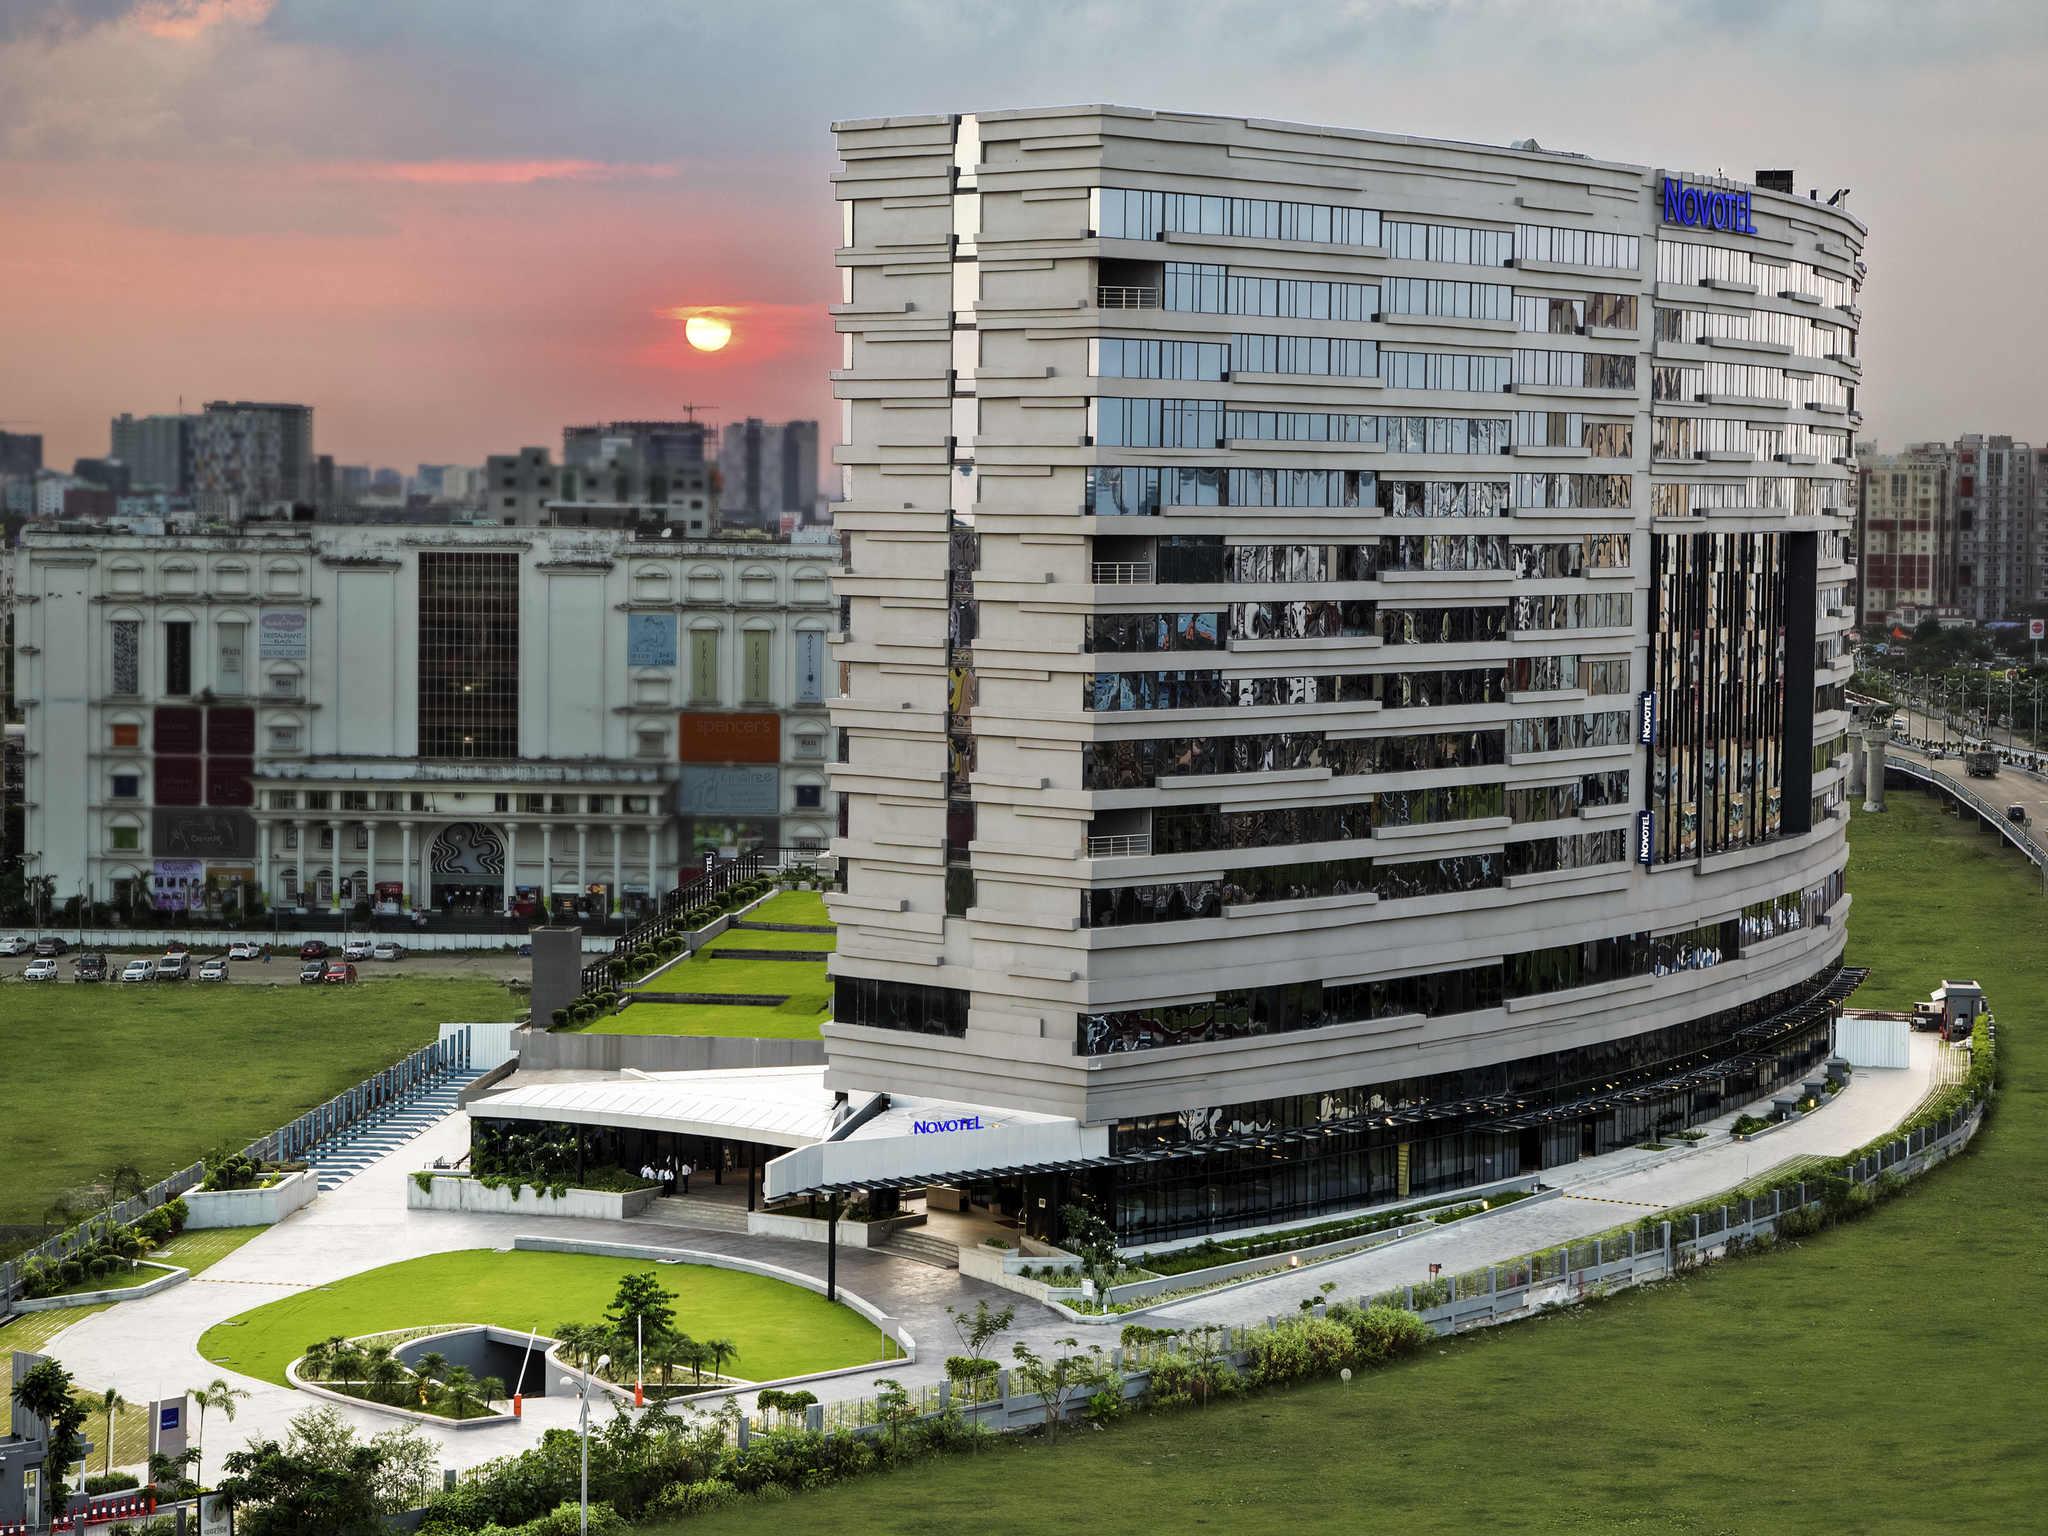 ホテル – Novotel Kolkata - Hotel & Residences